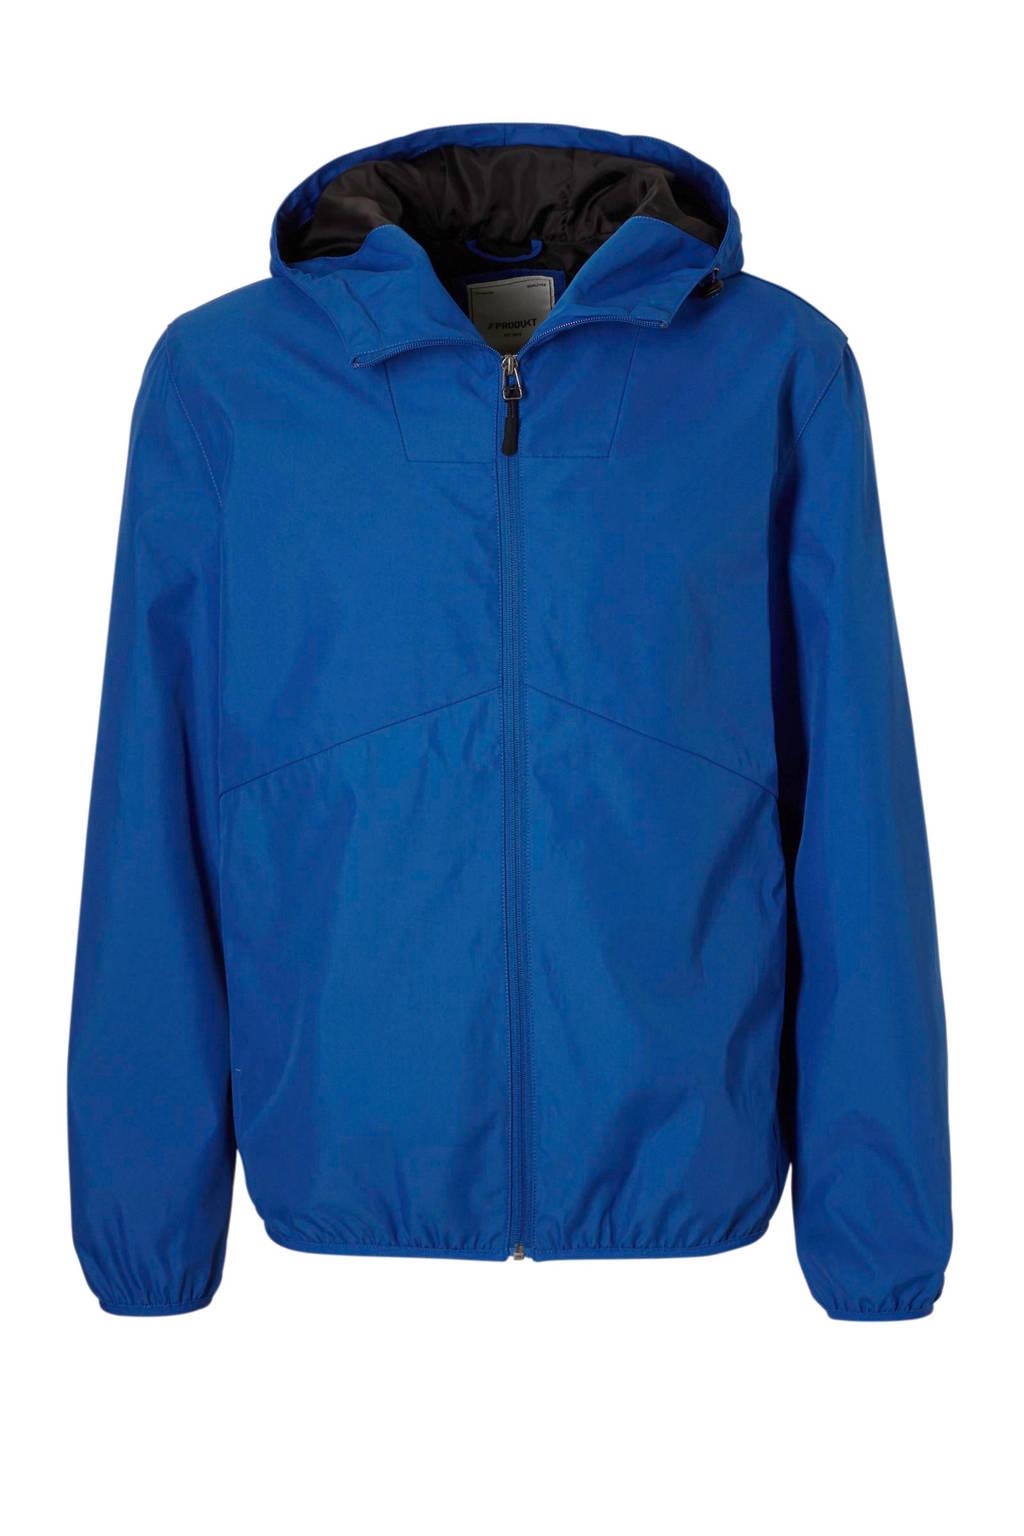 PRODUKT zomerjas met capuchon, Kobalt blauw